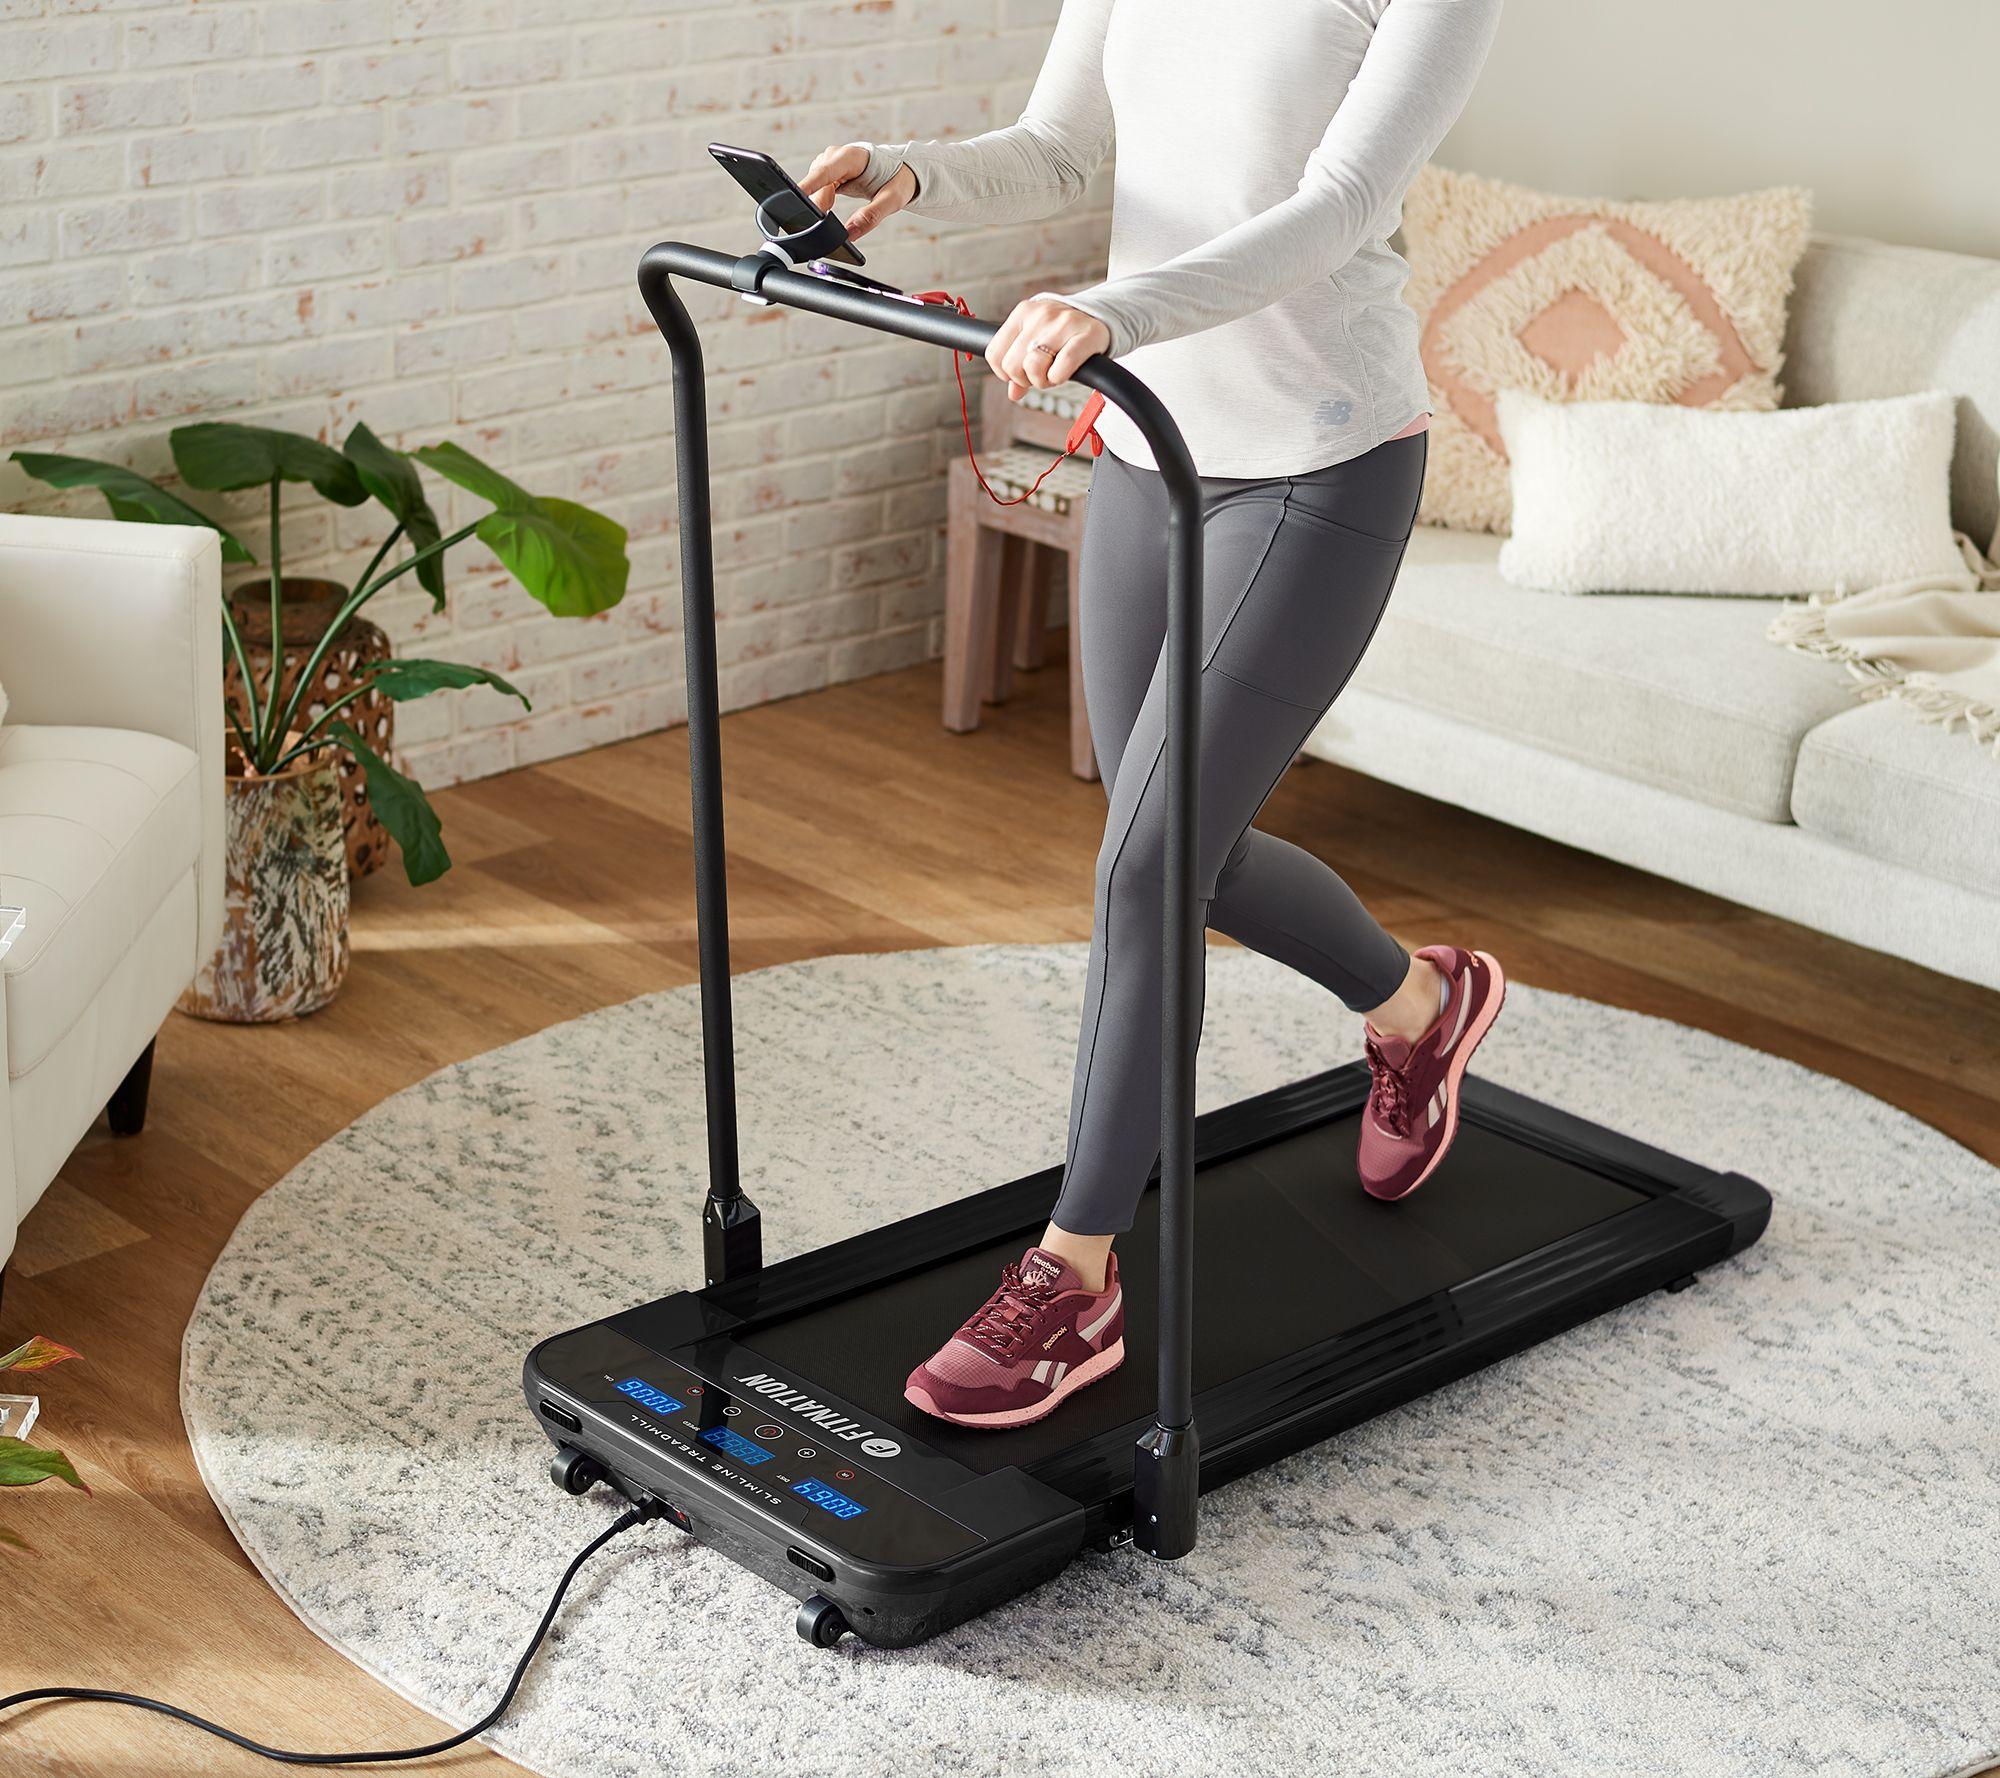 Take $92 off a walking treadmill